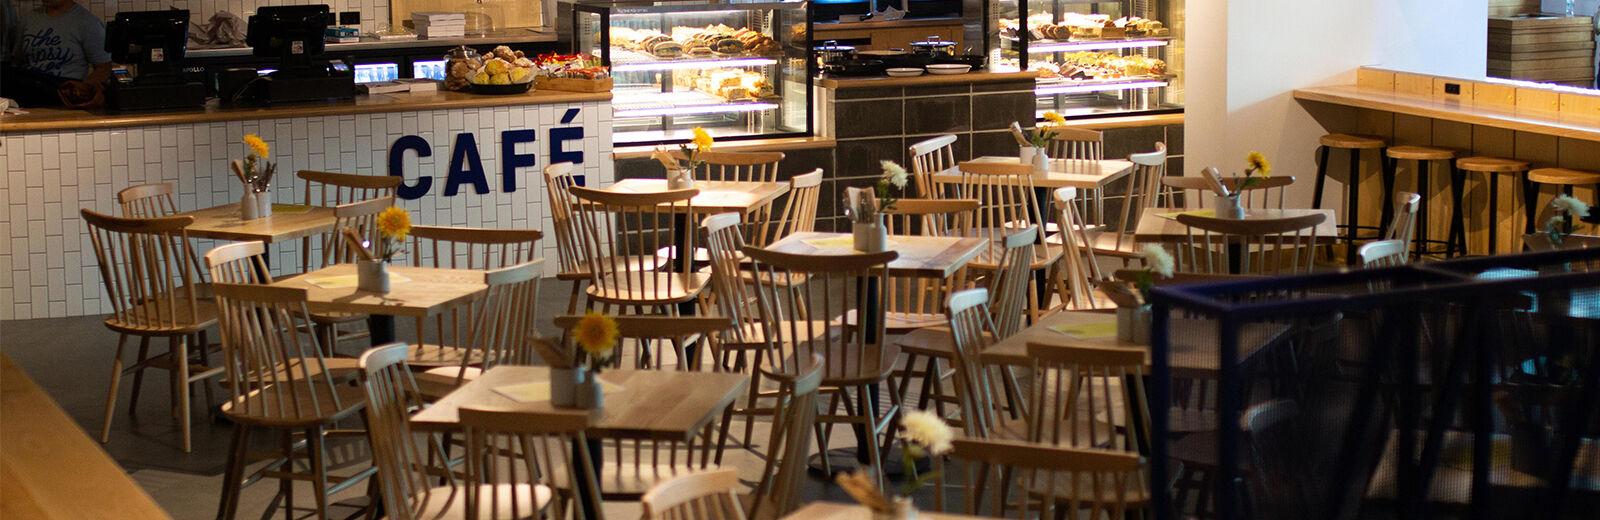 Cafe layout header